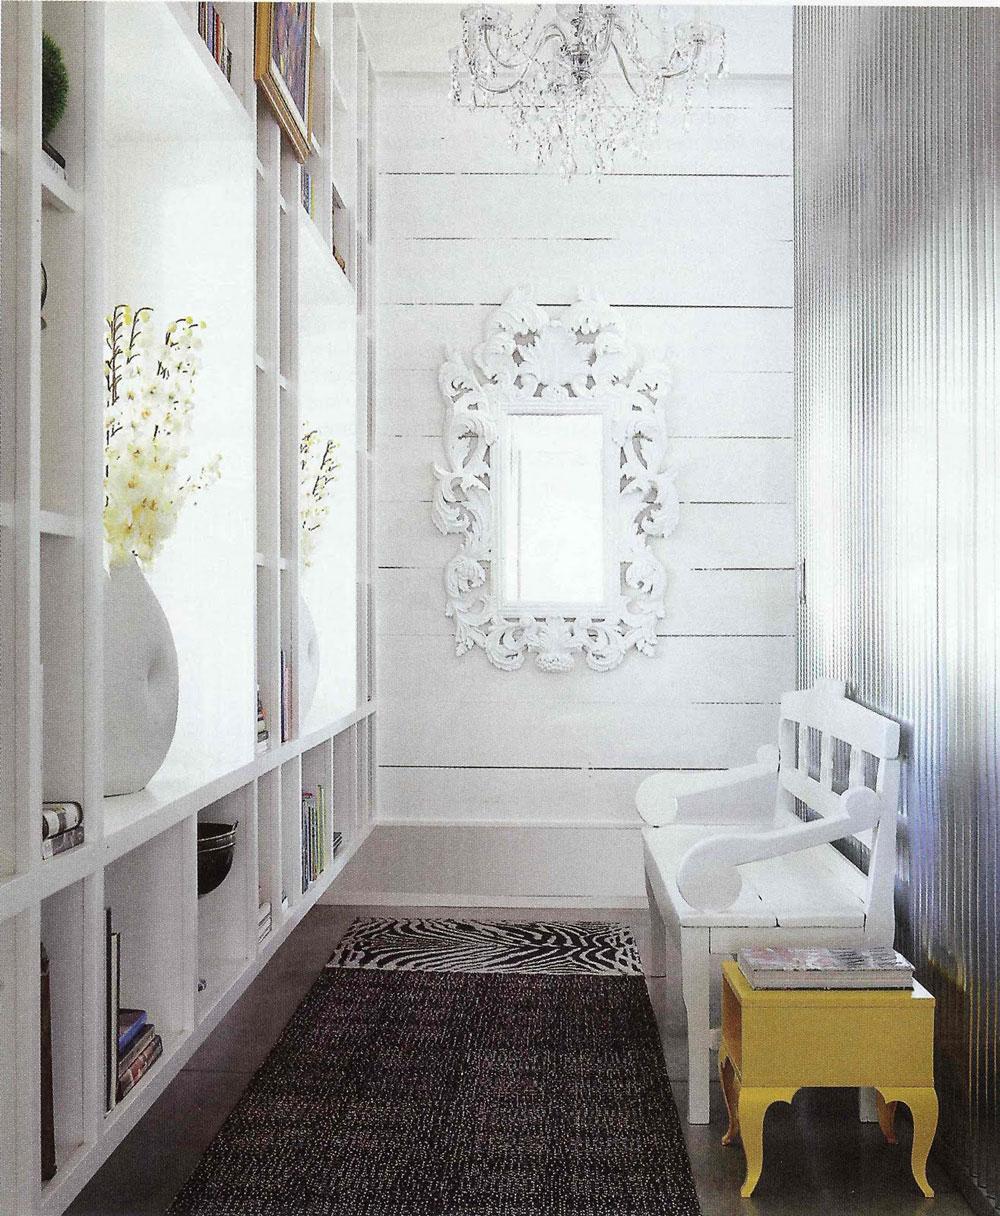 Hall-vägg-dekoration-idéer-för-ditt-bekväma-hem-6 hall-vägg-dekoration-idéer för ditt-bekvämt-hem